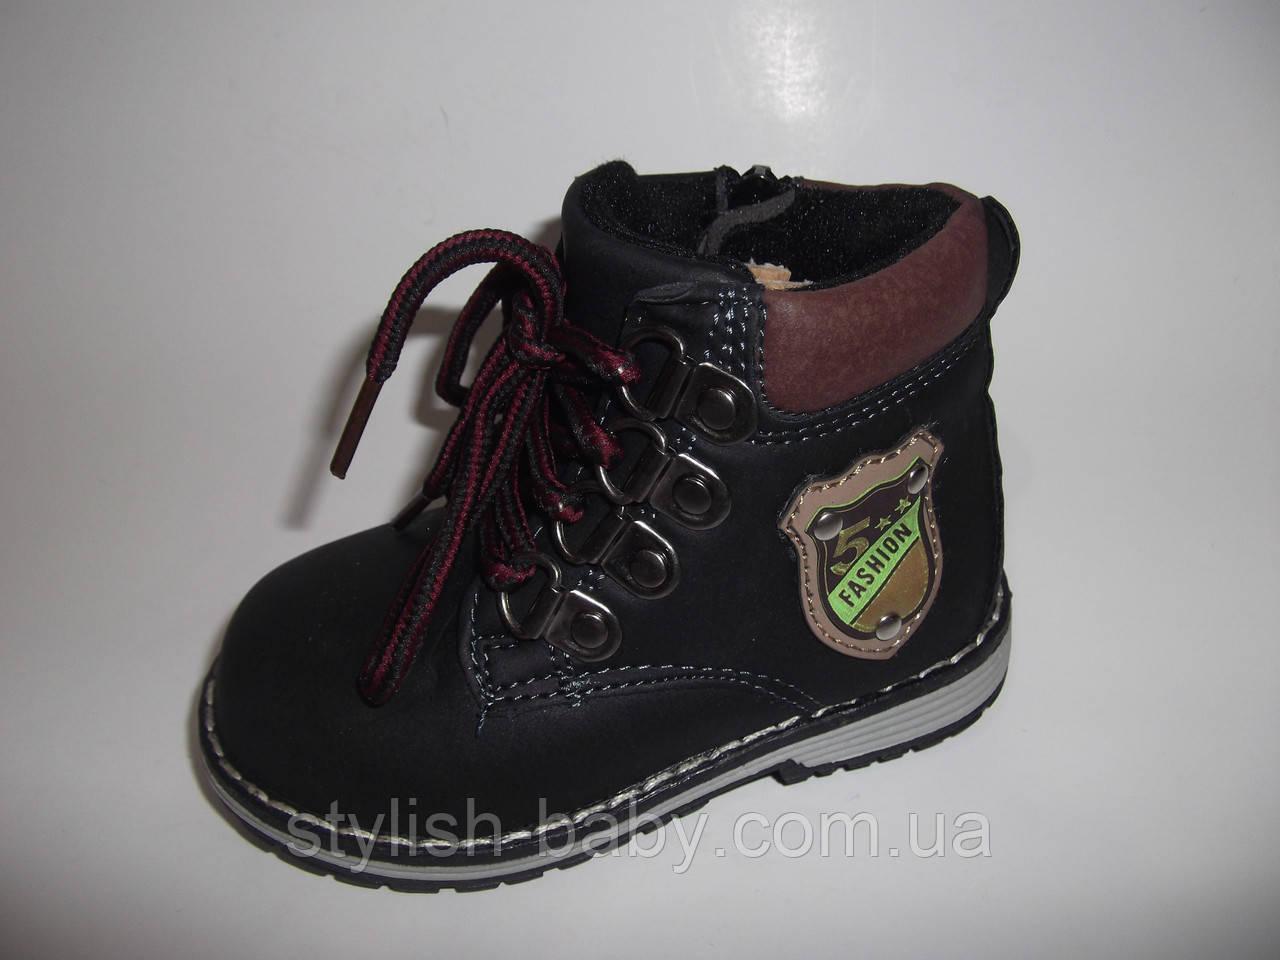 Детская демисезонная обувь ТМ. Y.TOP для мальчиков (разм. с 22 по 27)